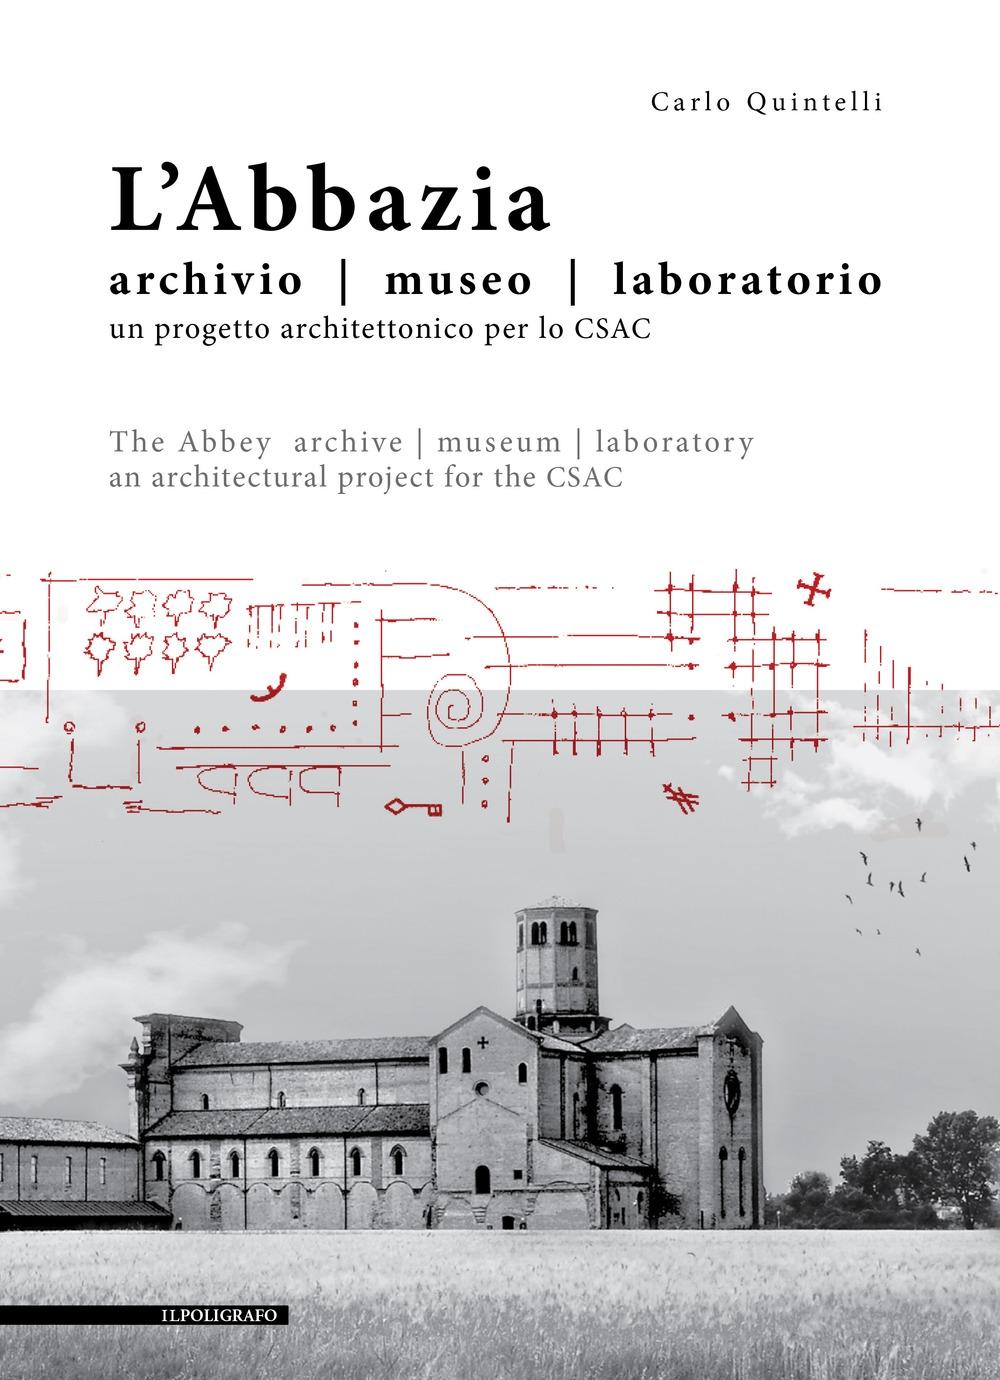 L'Abbazia. Archivio, museo, laboratorio. Un progetto architettonico per lo CSAC. The Abbey archive museum laboratory An architectural project for the CSAC